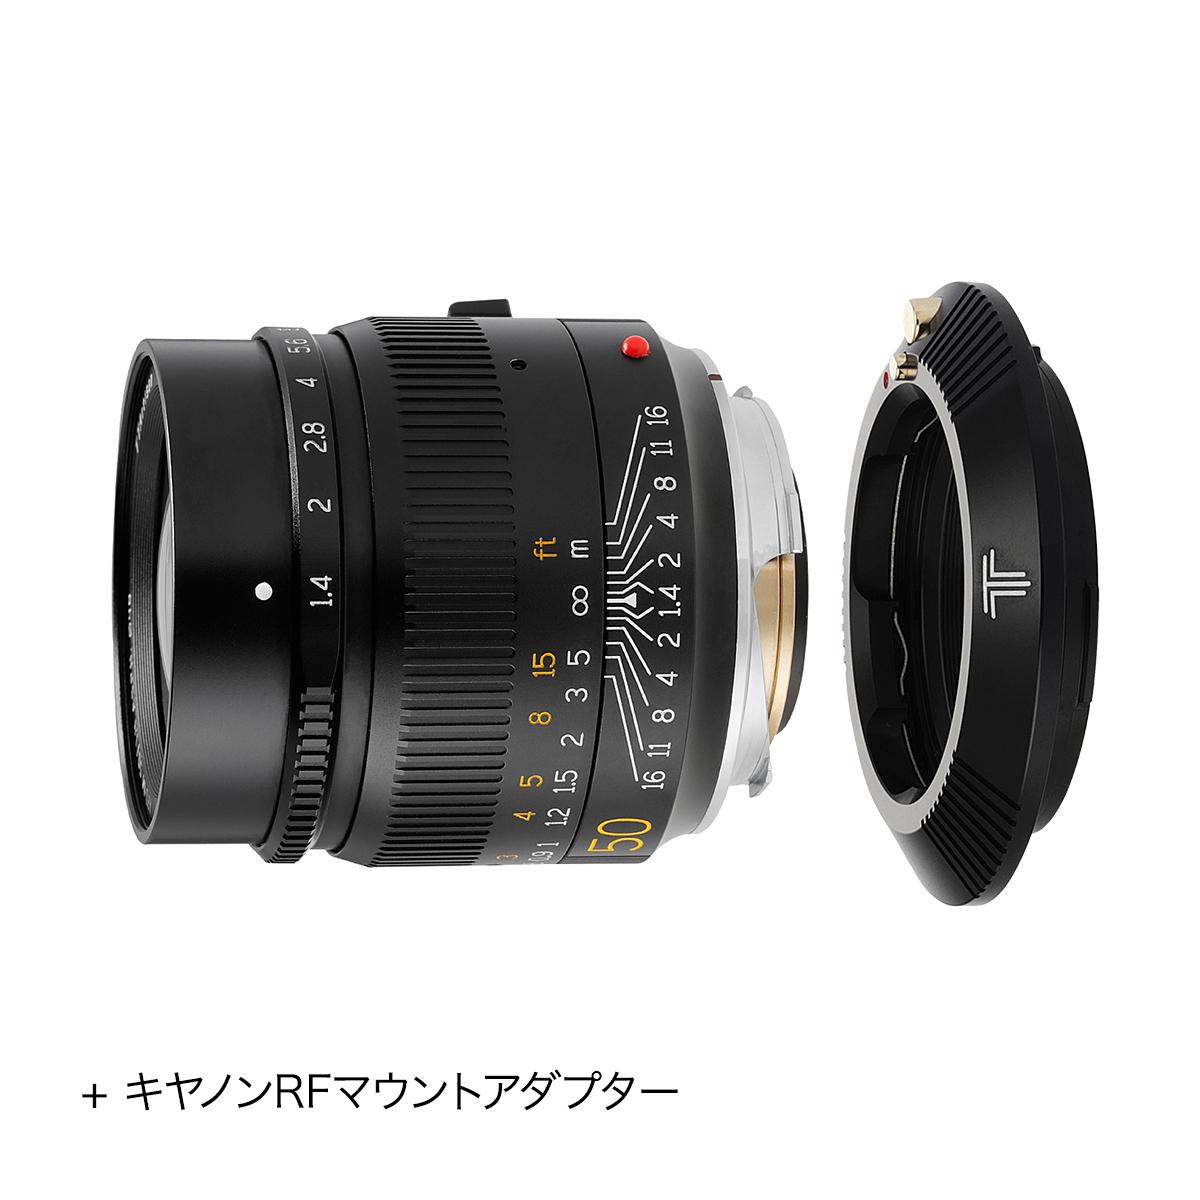 銘匠光学 TTArtisan 50mm f/1.4 ASPH ライカMマウント + マウントアダプター セット